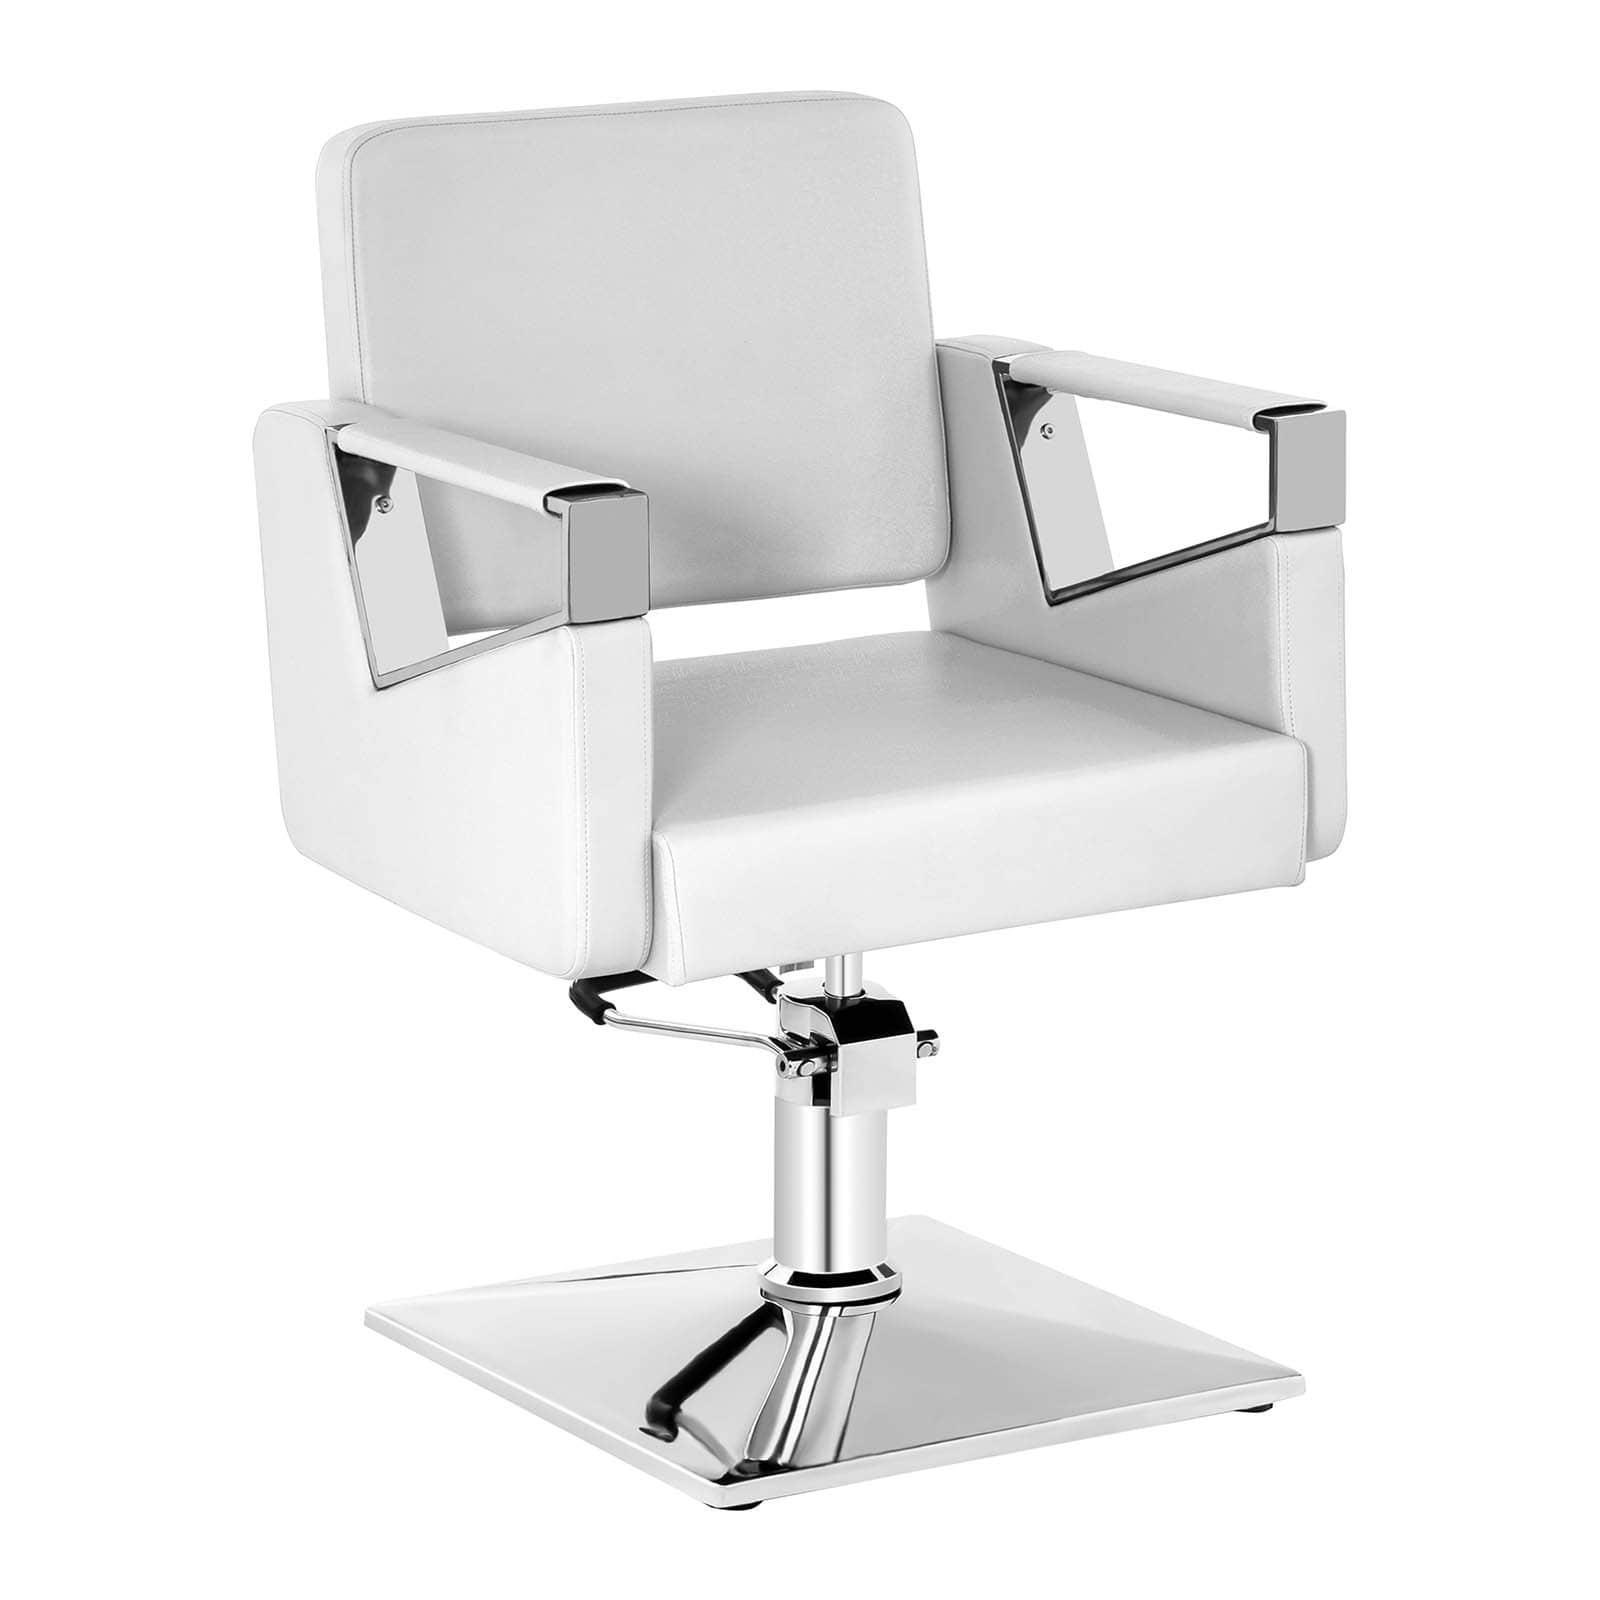 Fotel fryzjerski Bristol - biały - 200 kg